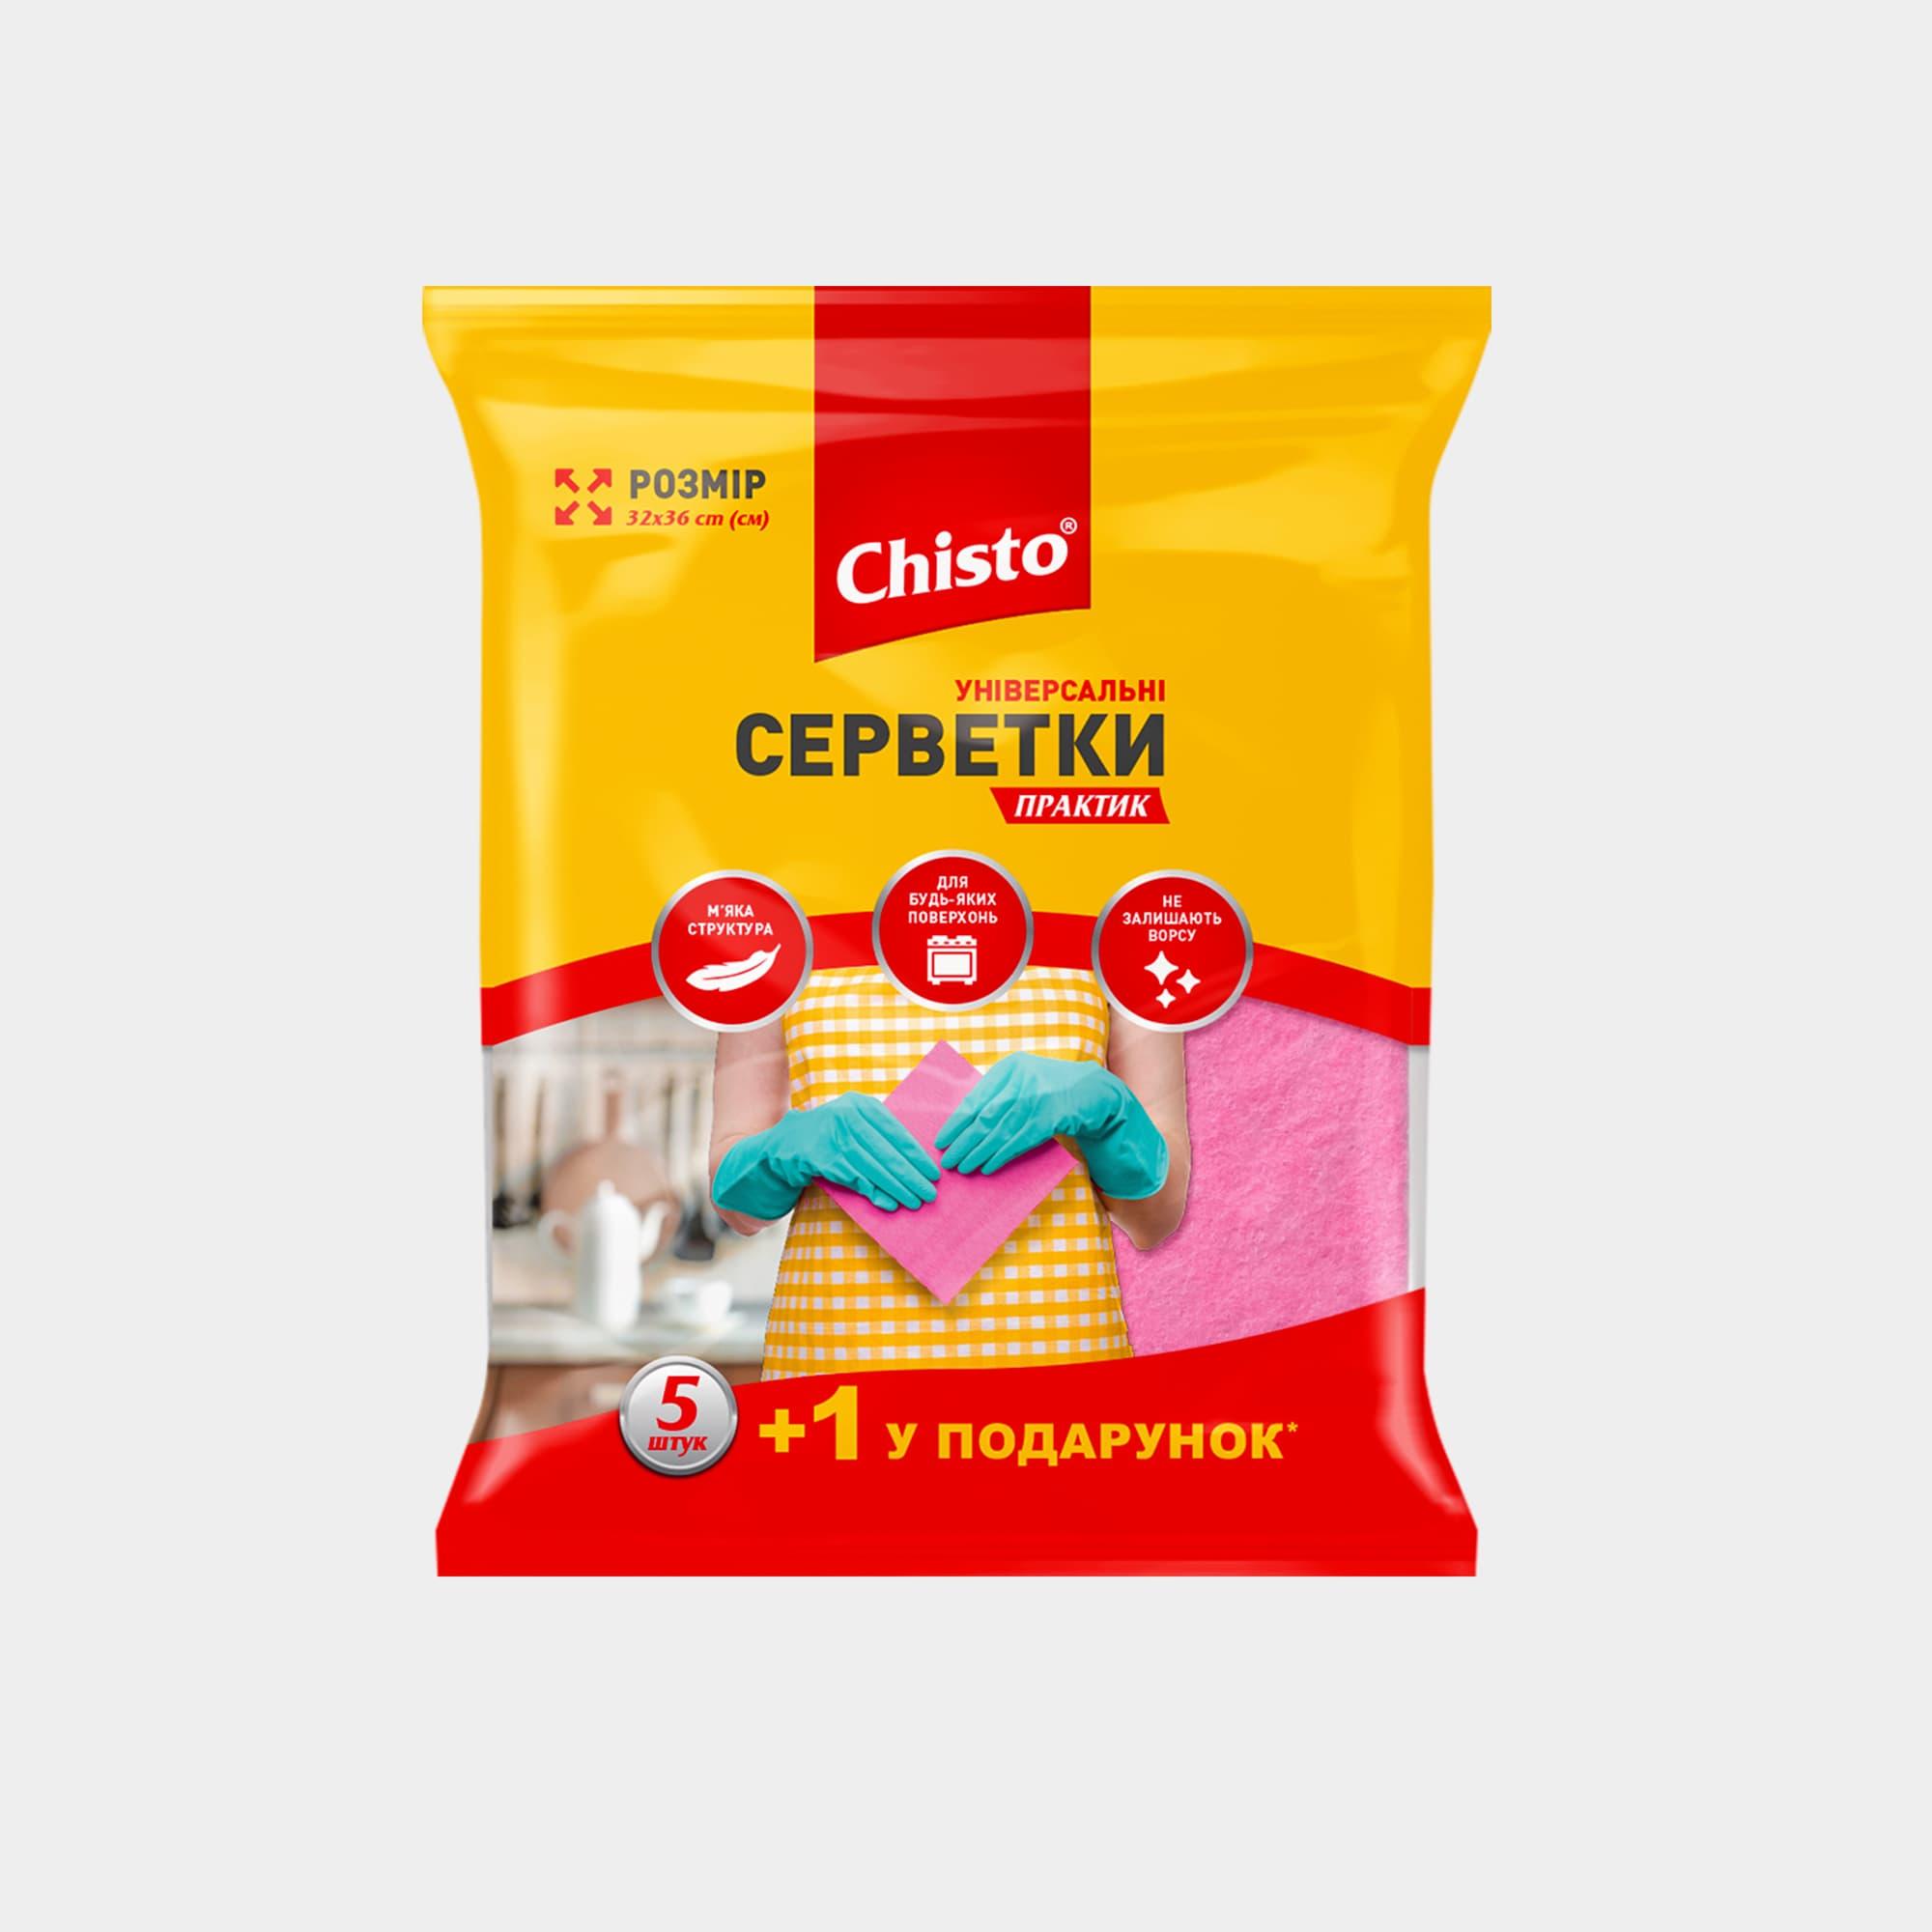 Салфетки универсальные Практик ТМ «Chisto», 5+1 шт. | Продукция ТМ Chisto